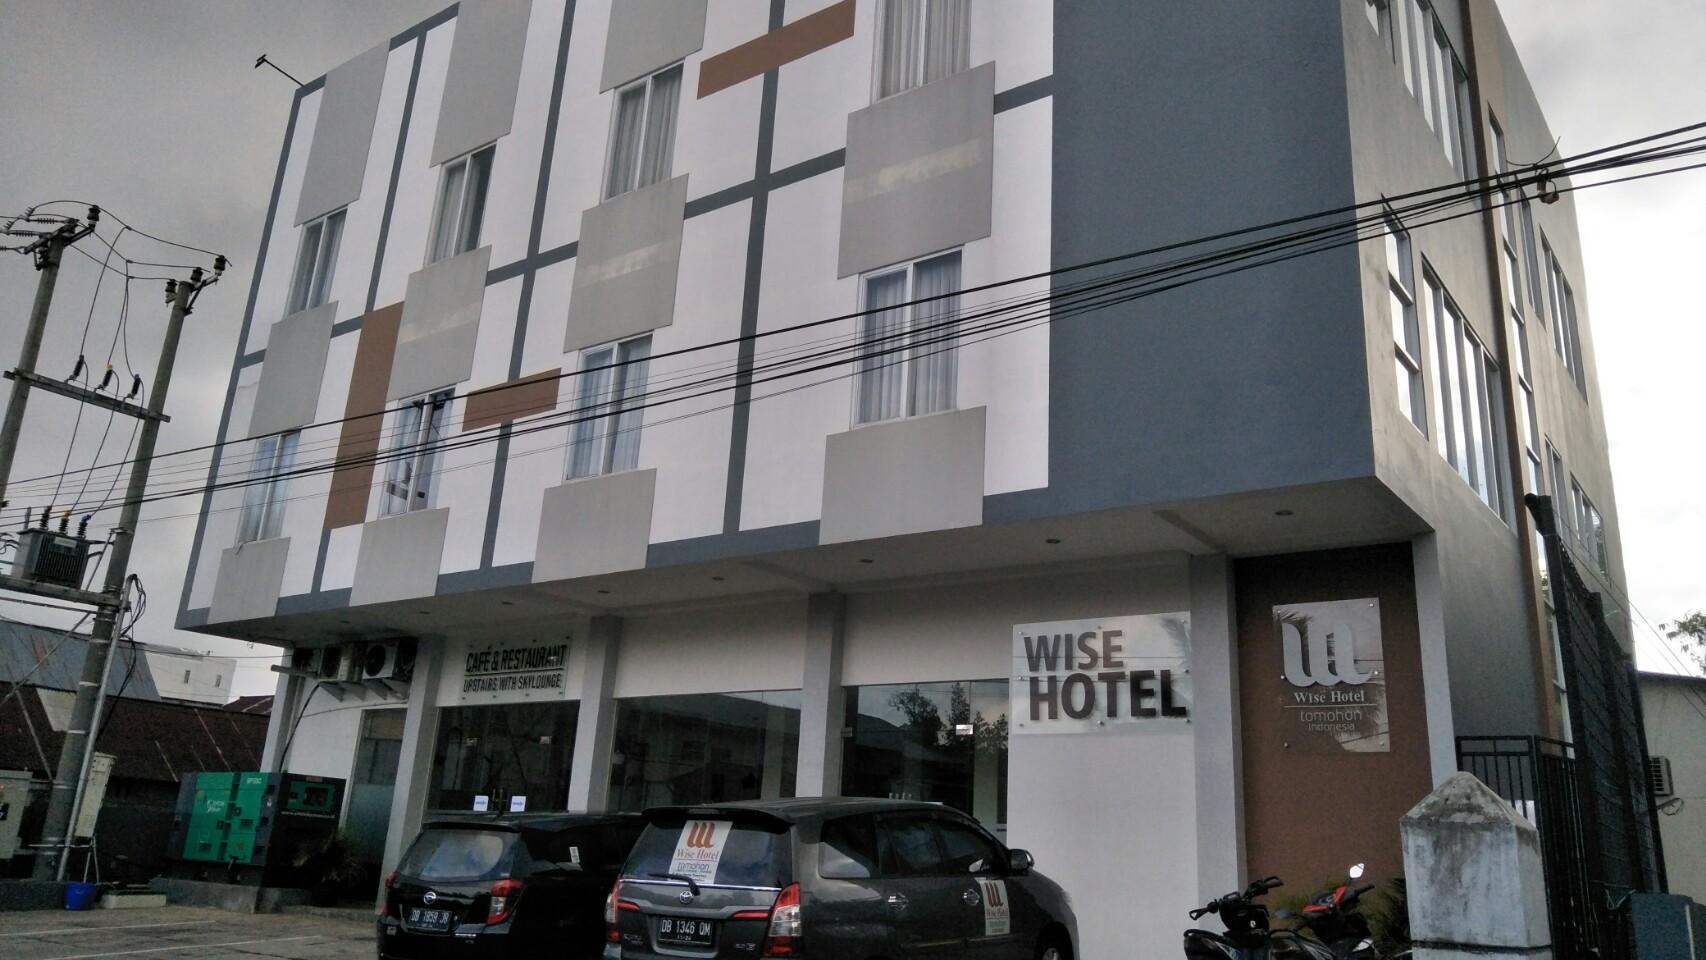 Gairahkan Kembali Iklim Pariwisata, Wise Hotel Gelar Diskon